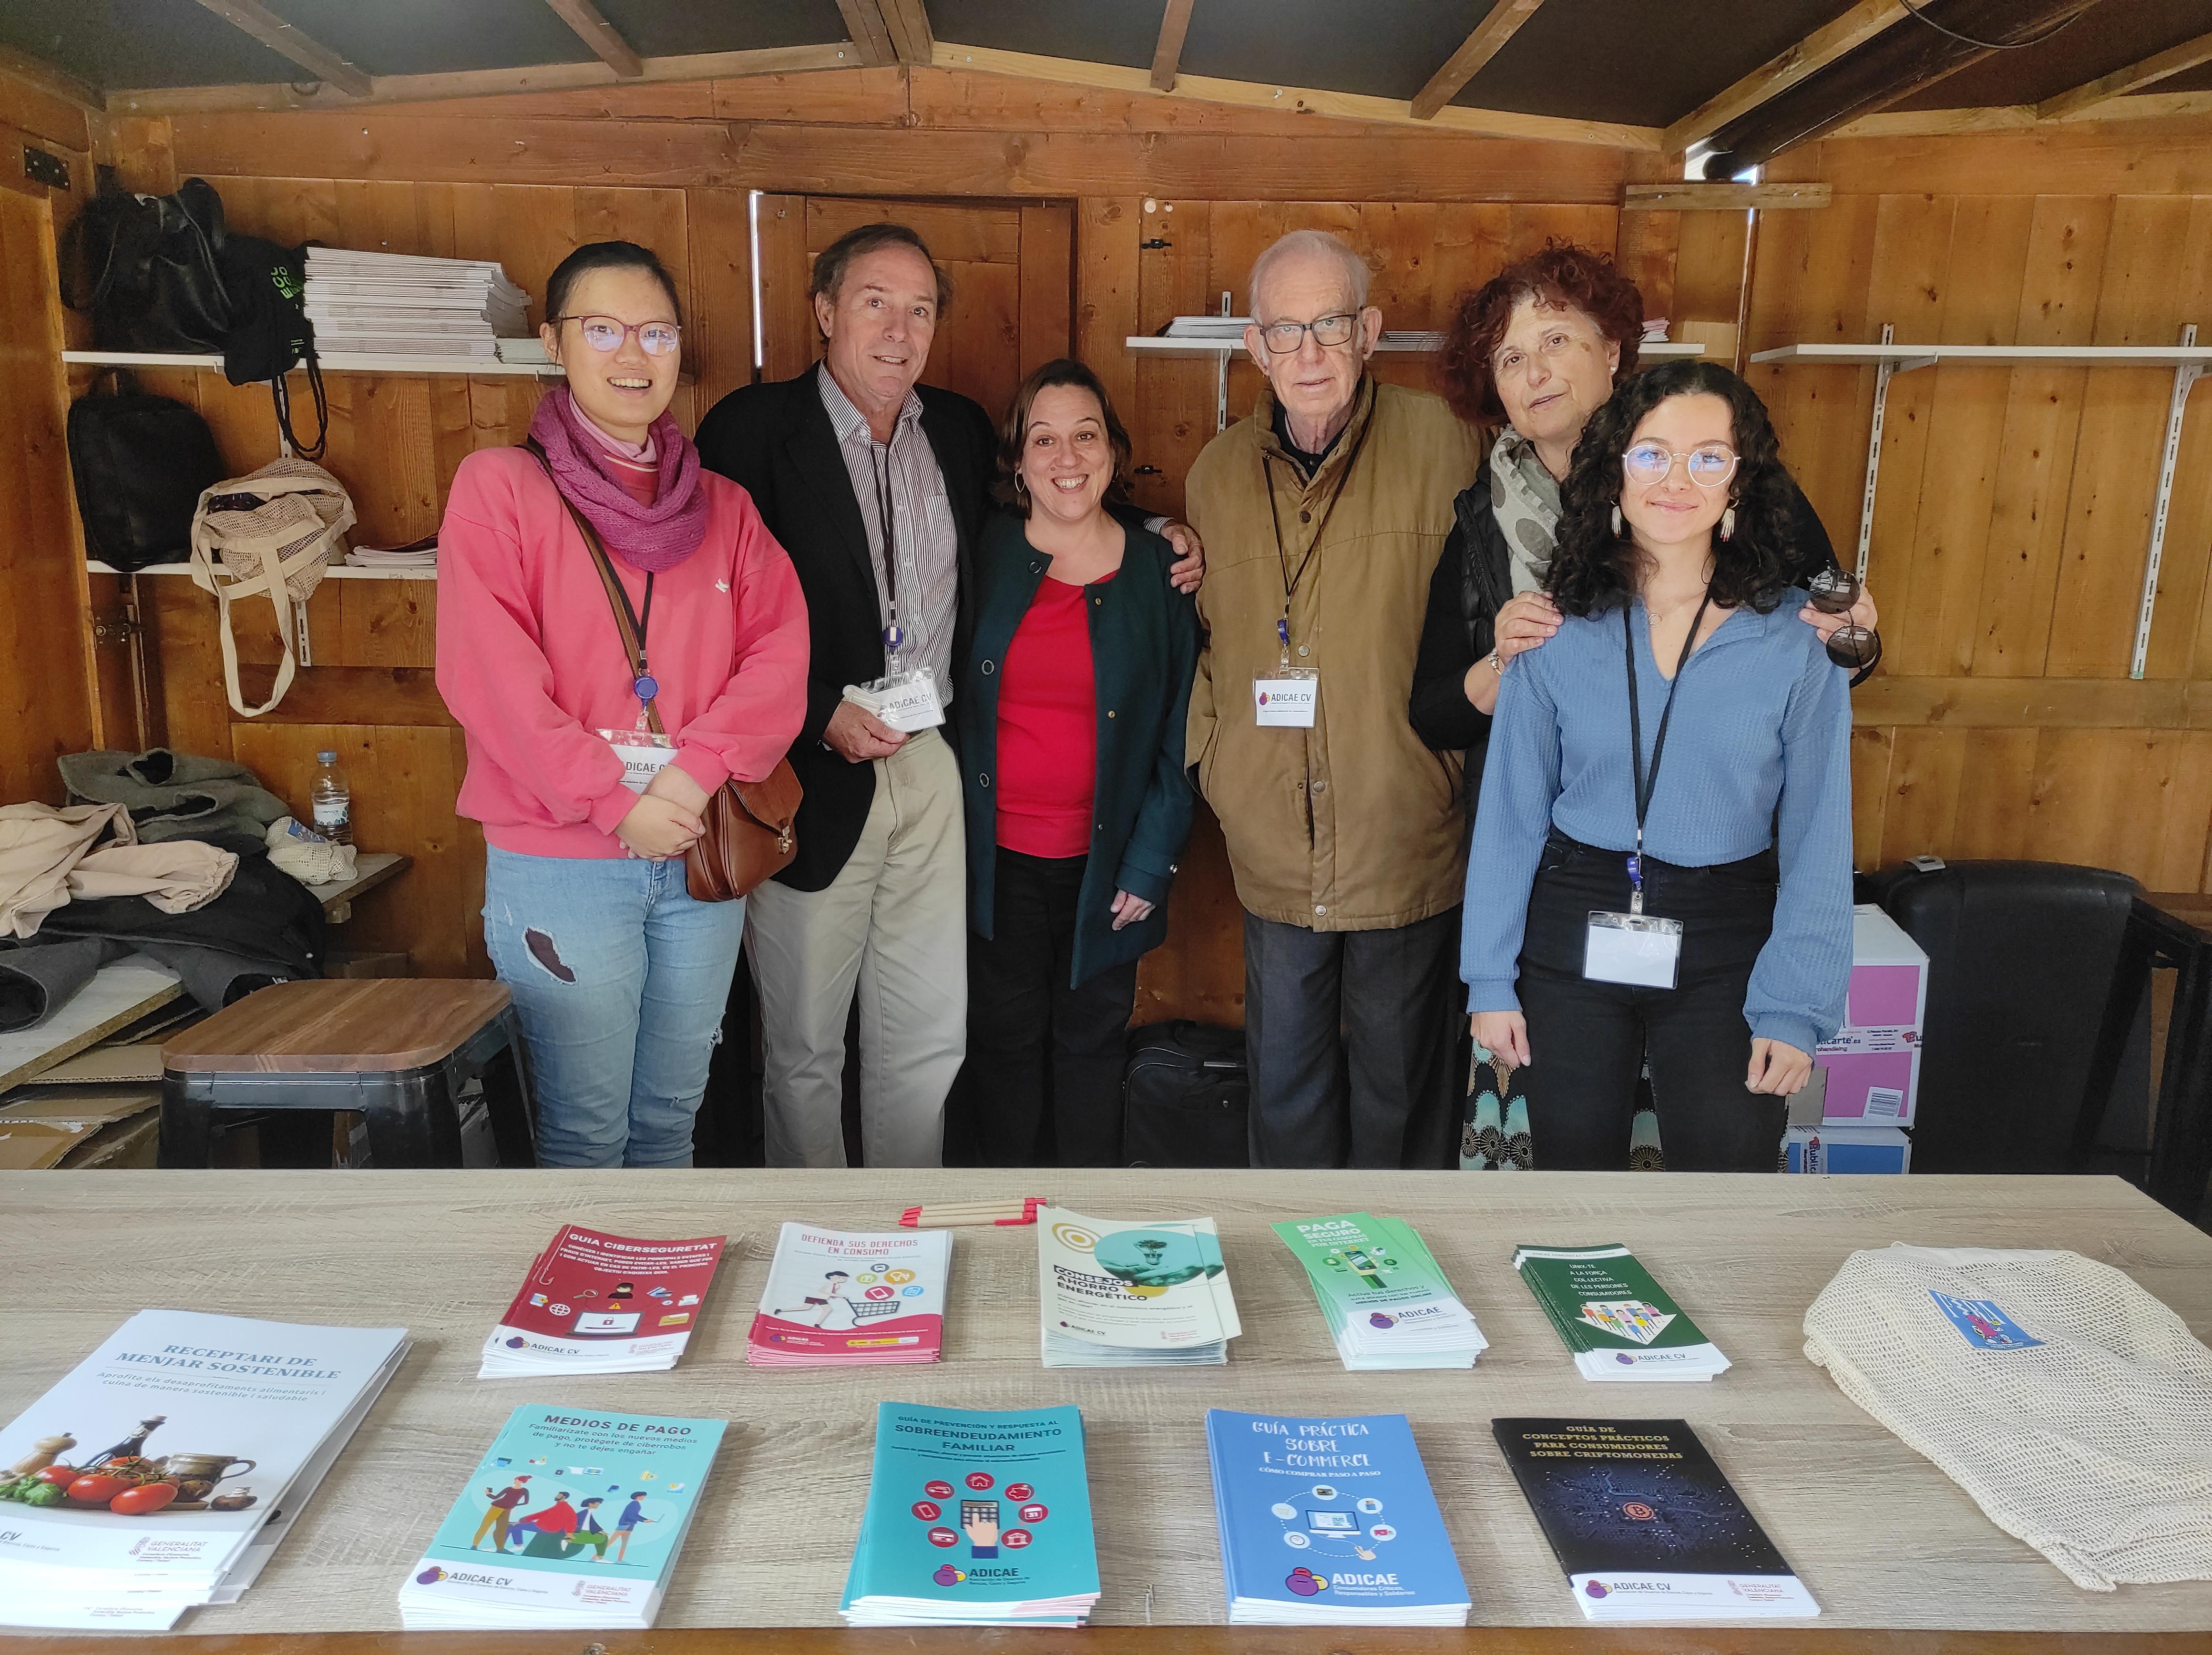 Manifestación 10 de mayo en Madrid. 8º Aniversario Fórum, Afinsa, Arte y Naturaleza. Delegación valenciana.